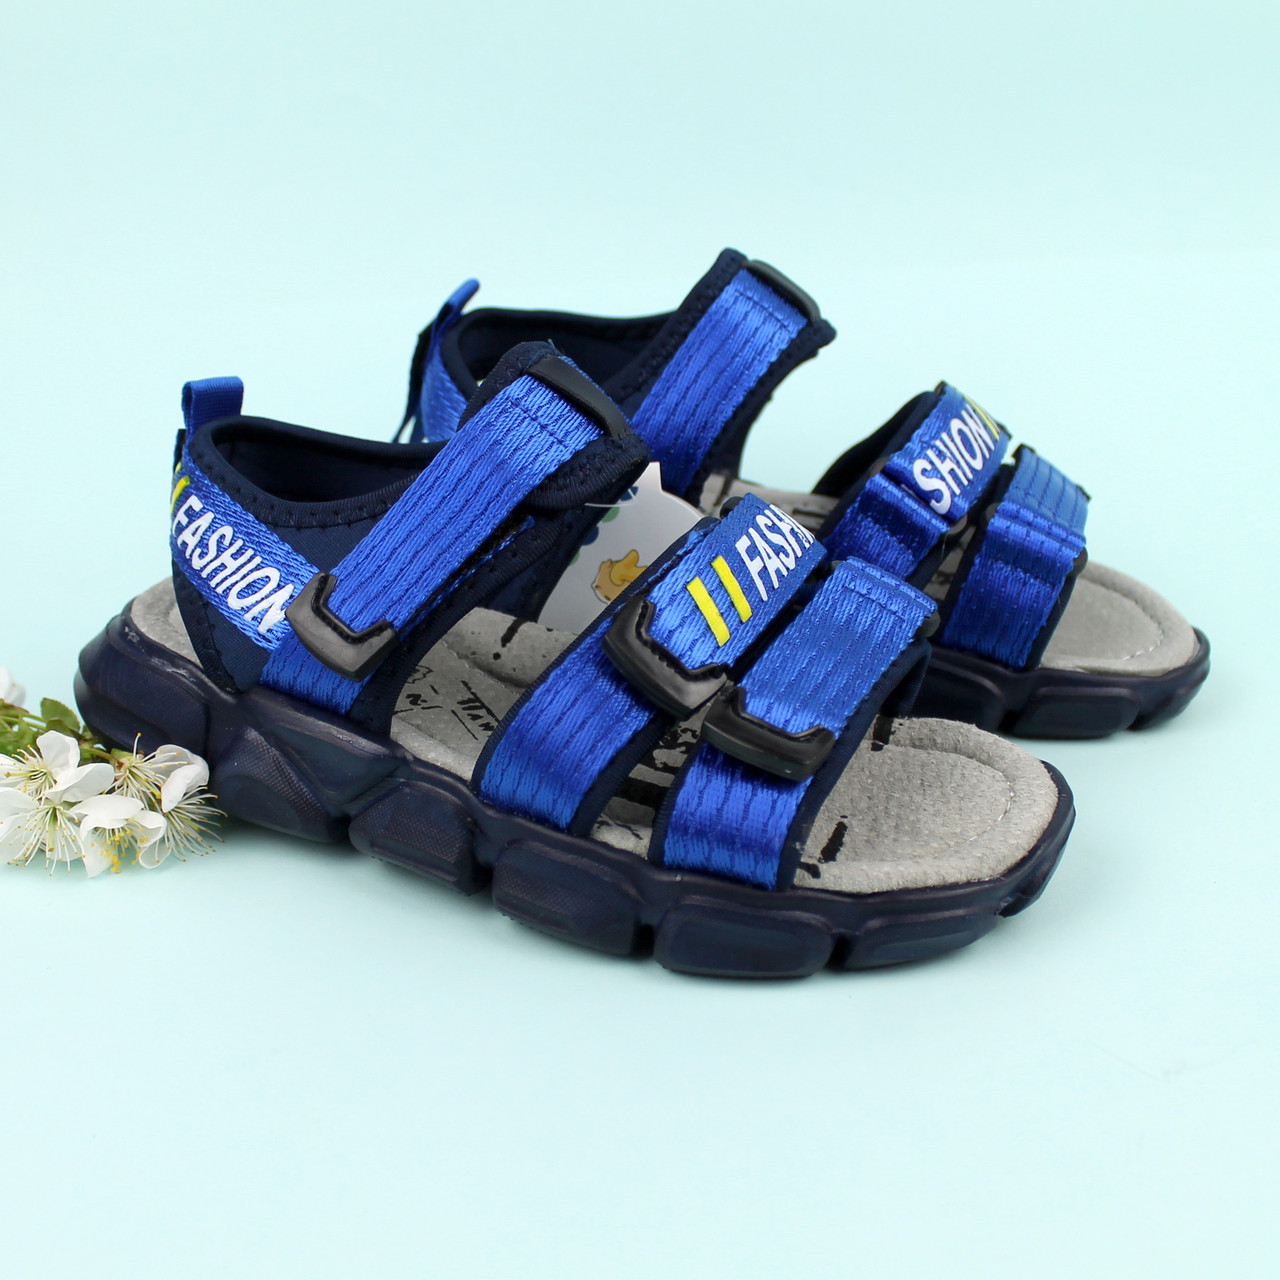 Спортивные синие босоножки мальчику Tomm размер 34,35,36